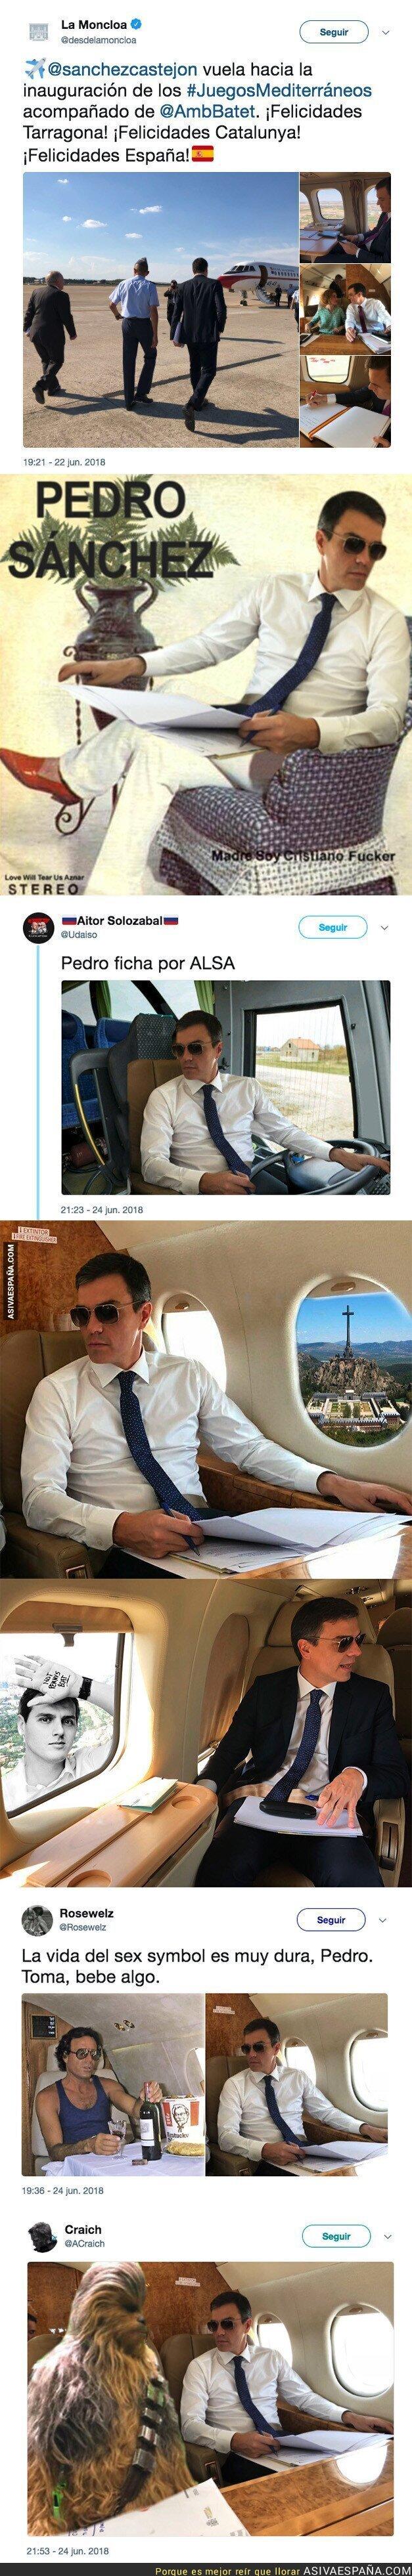 88856 - Pedro Sánchez se pone unas gafas de sol durante un vuelo e internet se llena de memes con él